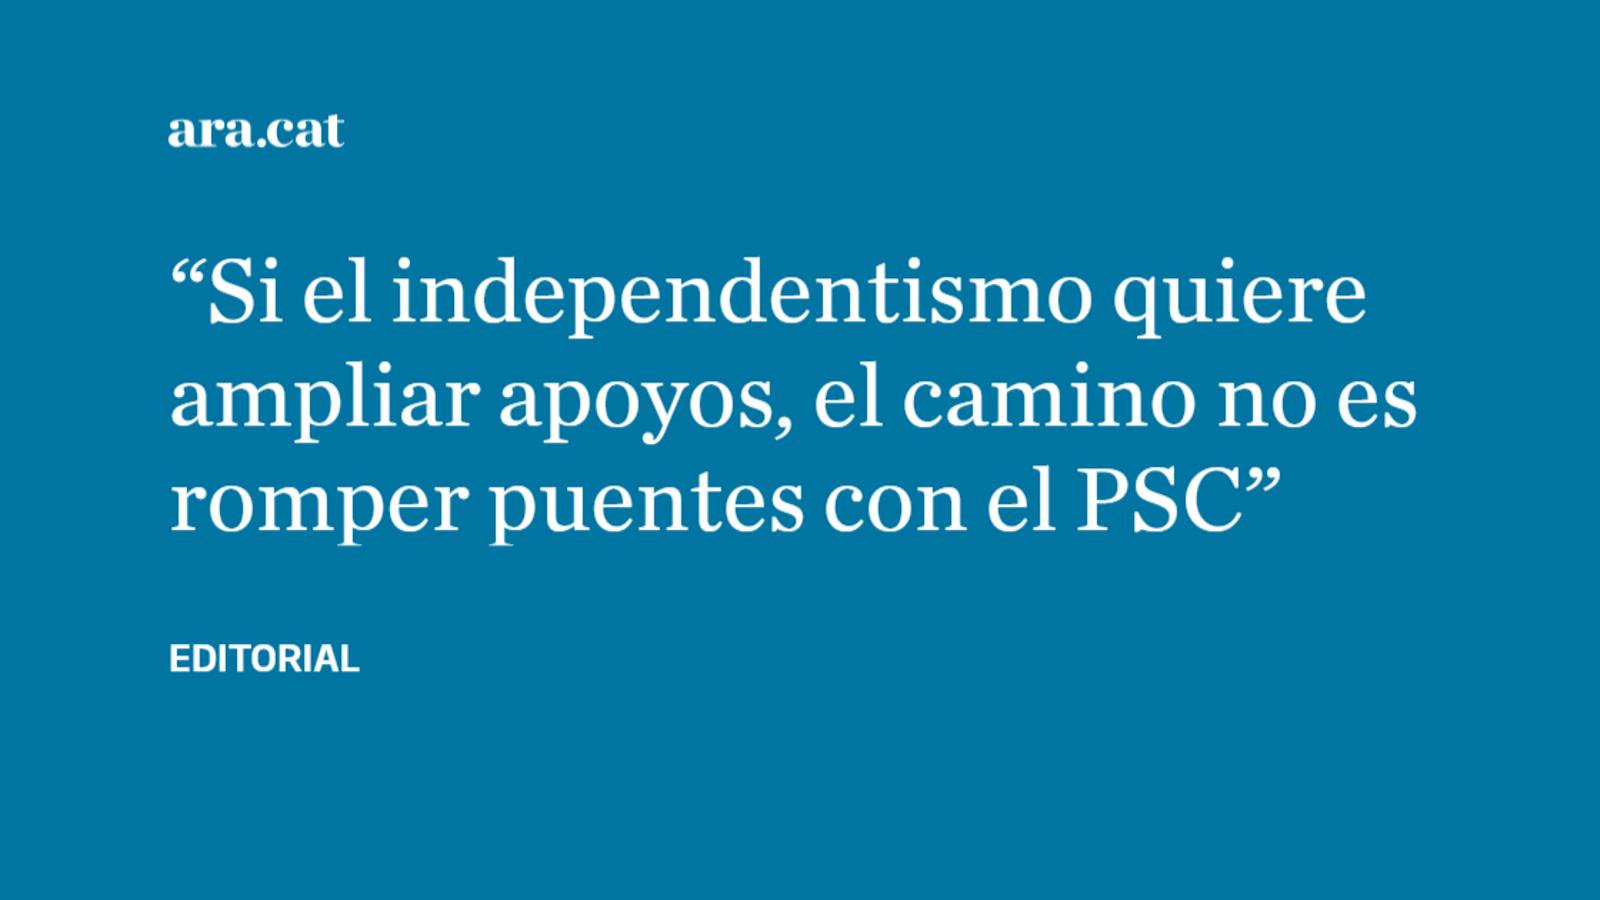 ¿Qué gana el independentismo vetando a Iceta?